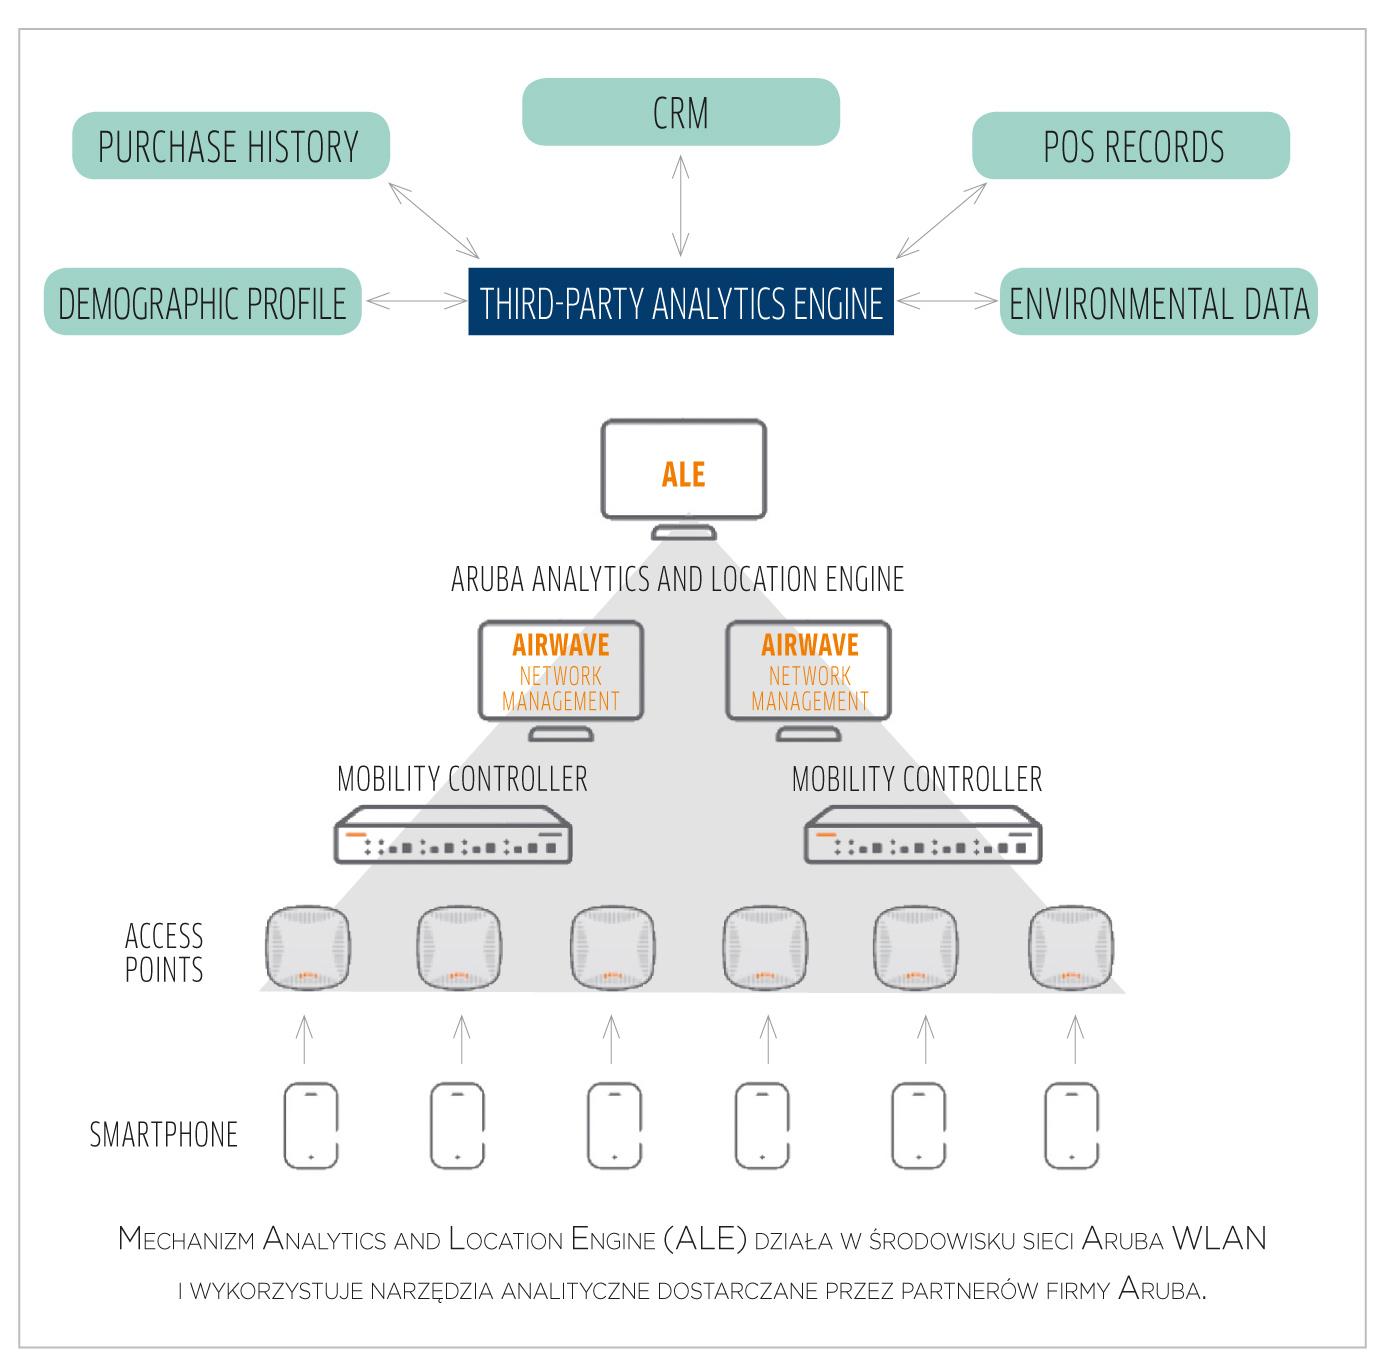 Analityka WLAN, czyli sieć z wartością dodaną